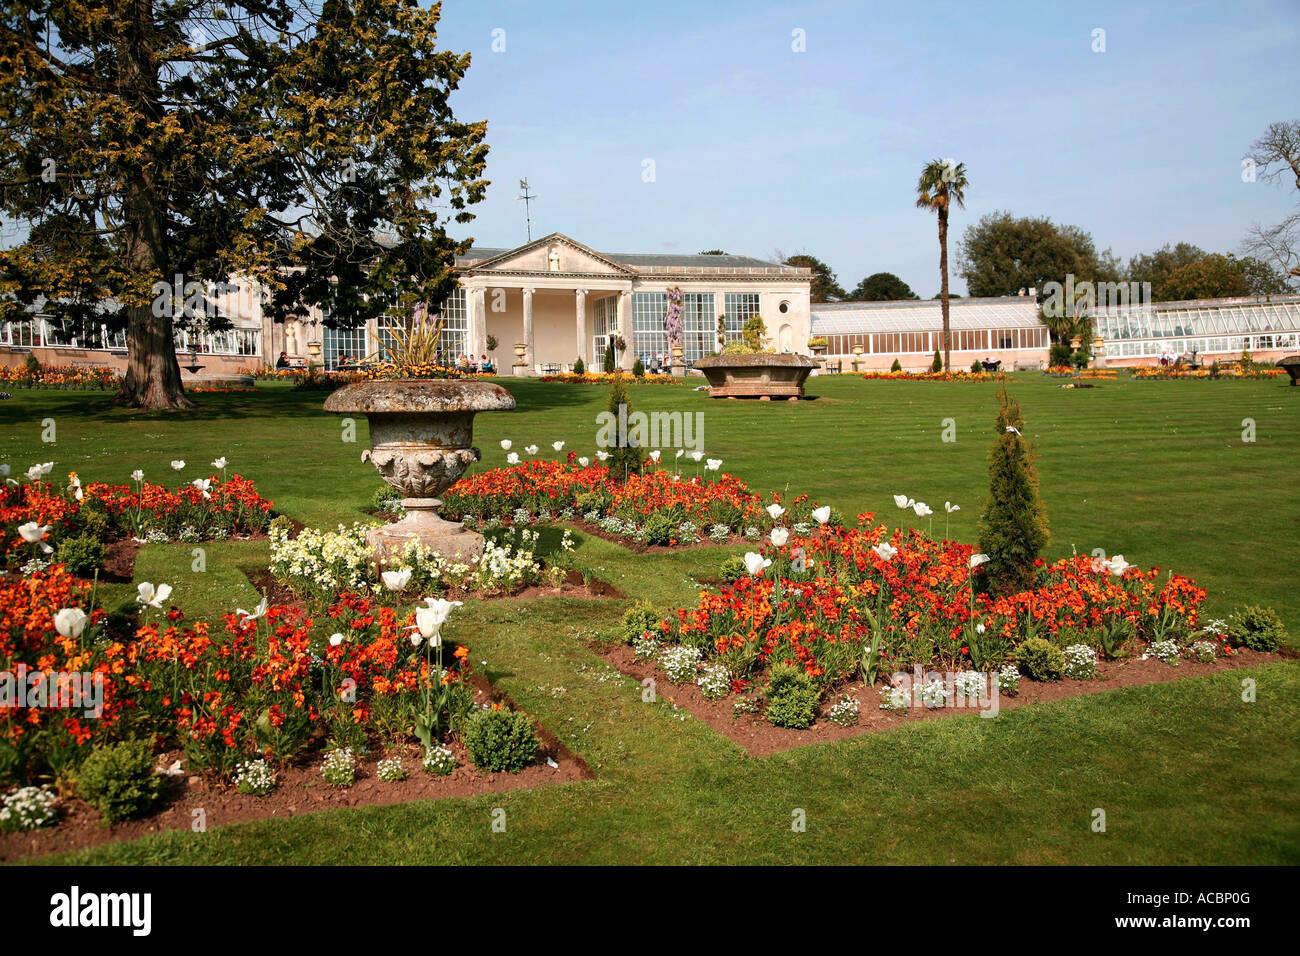 Bicton Park Botanical Gardens Stock Photos & Bicton Park Botanical ...